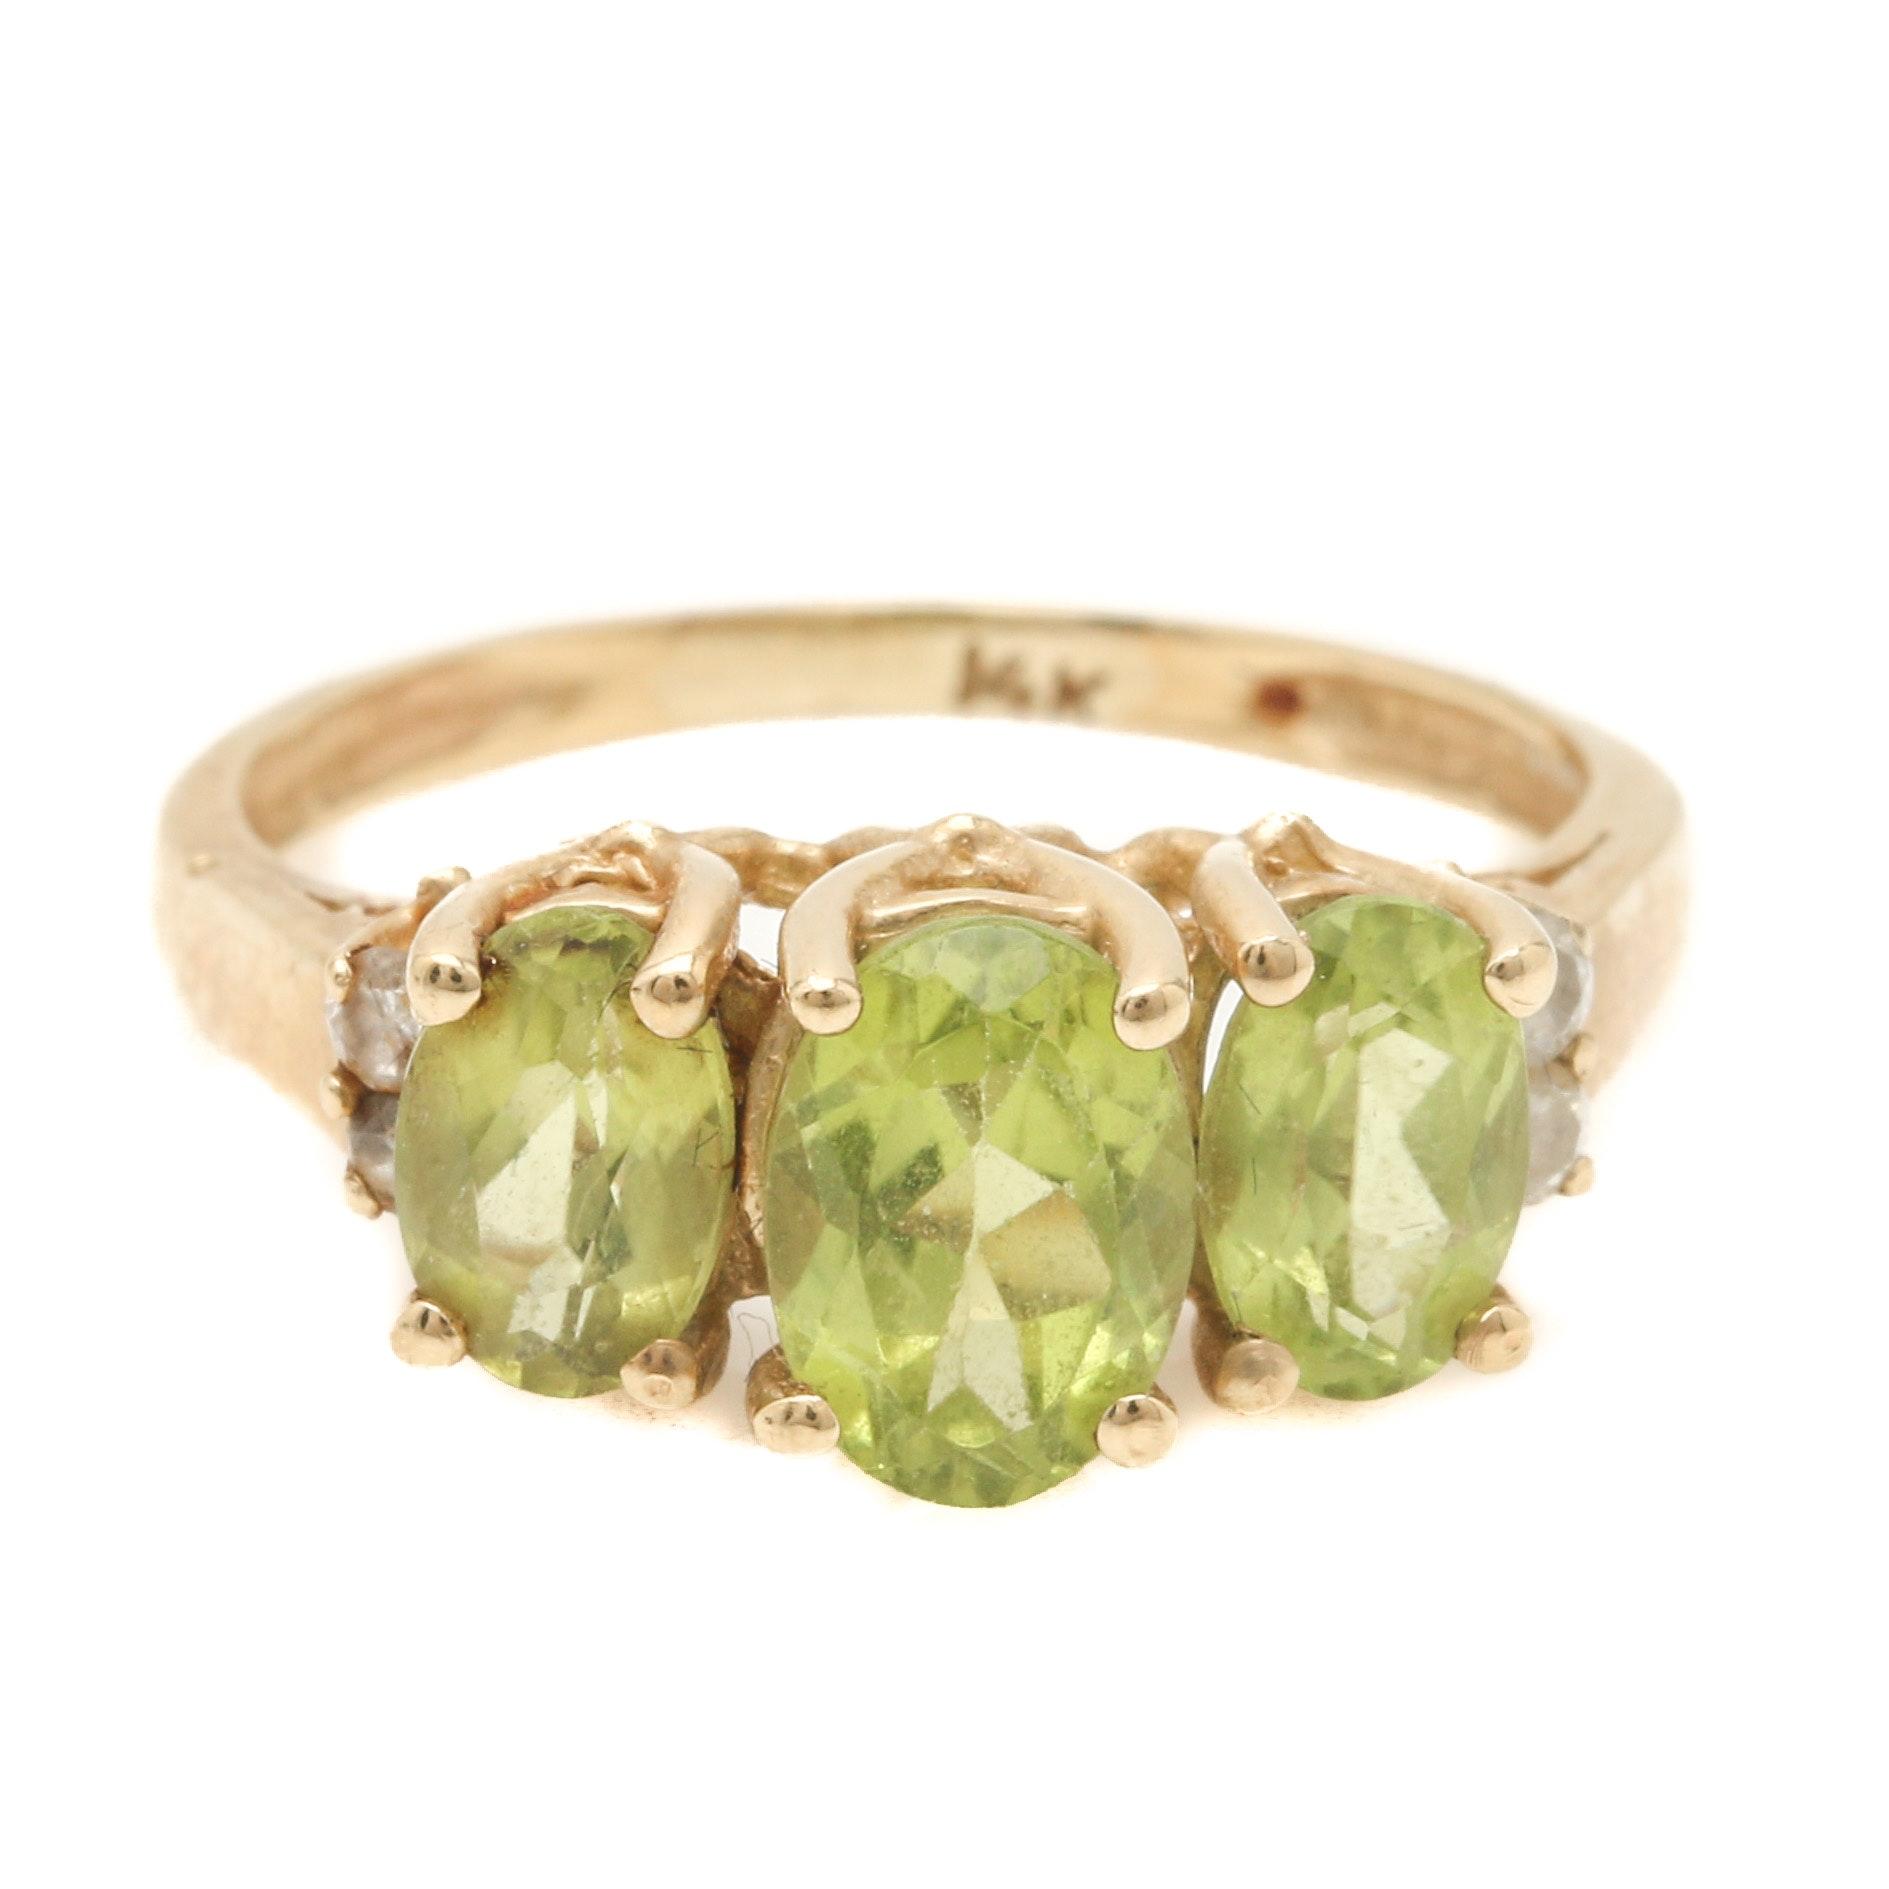 14K Yellow Gold Peridot Diamond Ring